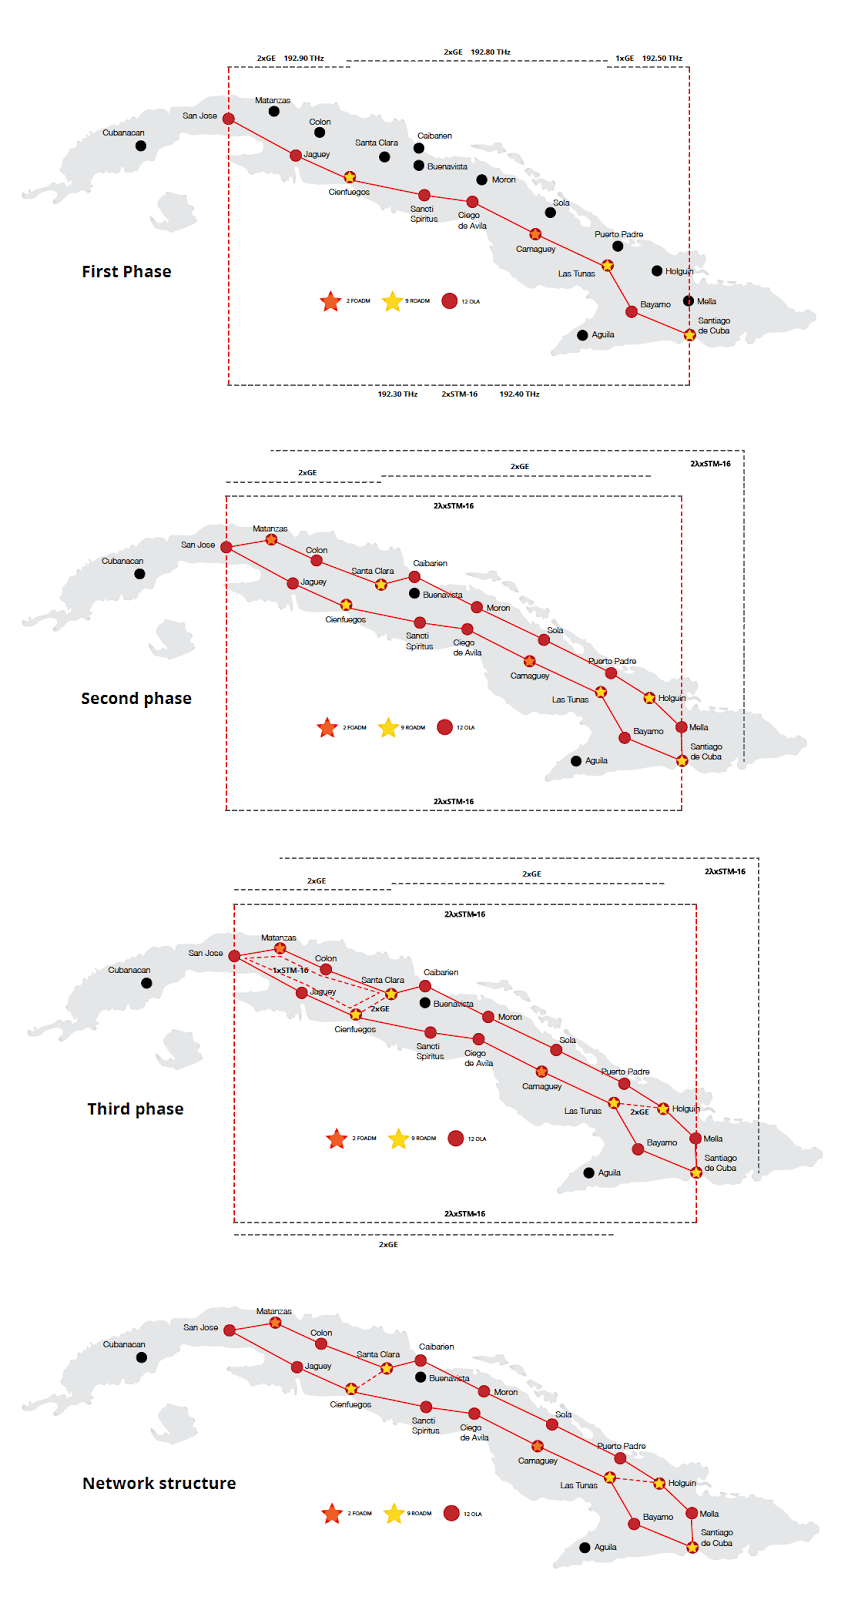 Geleakte Grafik zum Ausbau des Backbone-Netzes in 3 Phasen. Ein Zeitplan fehlt.